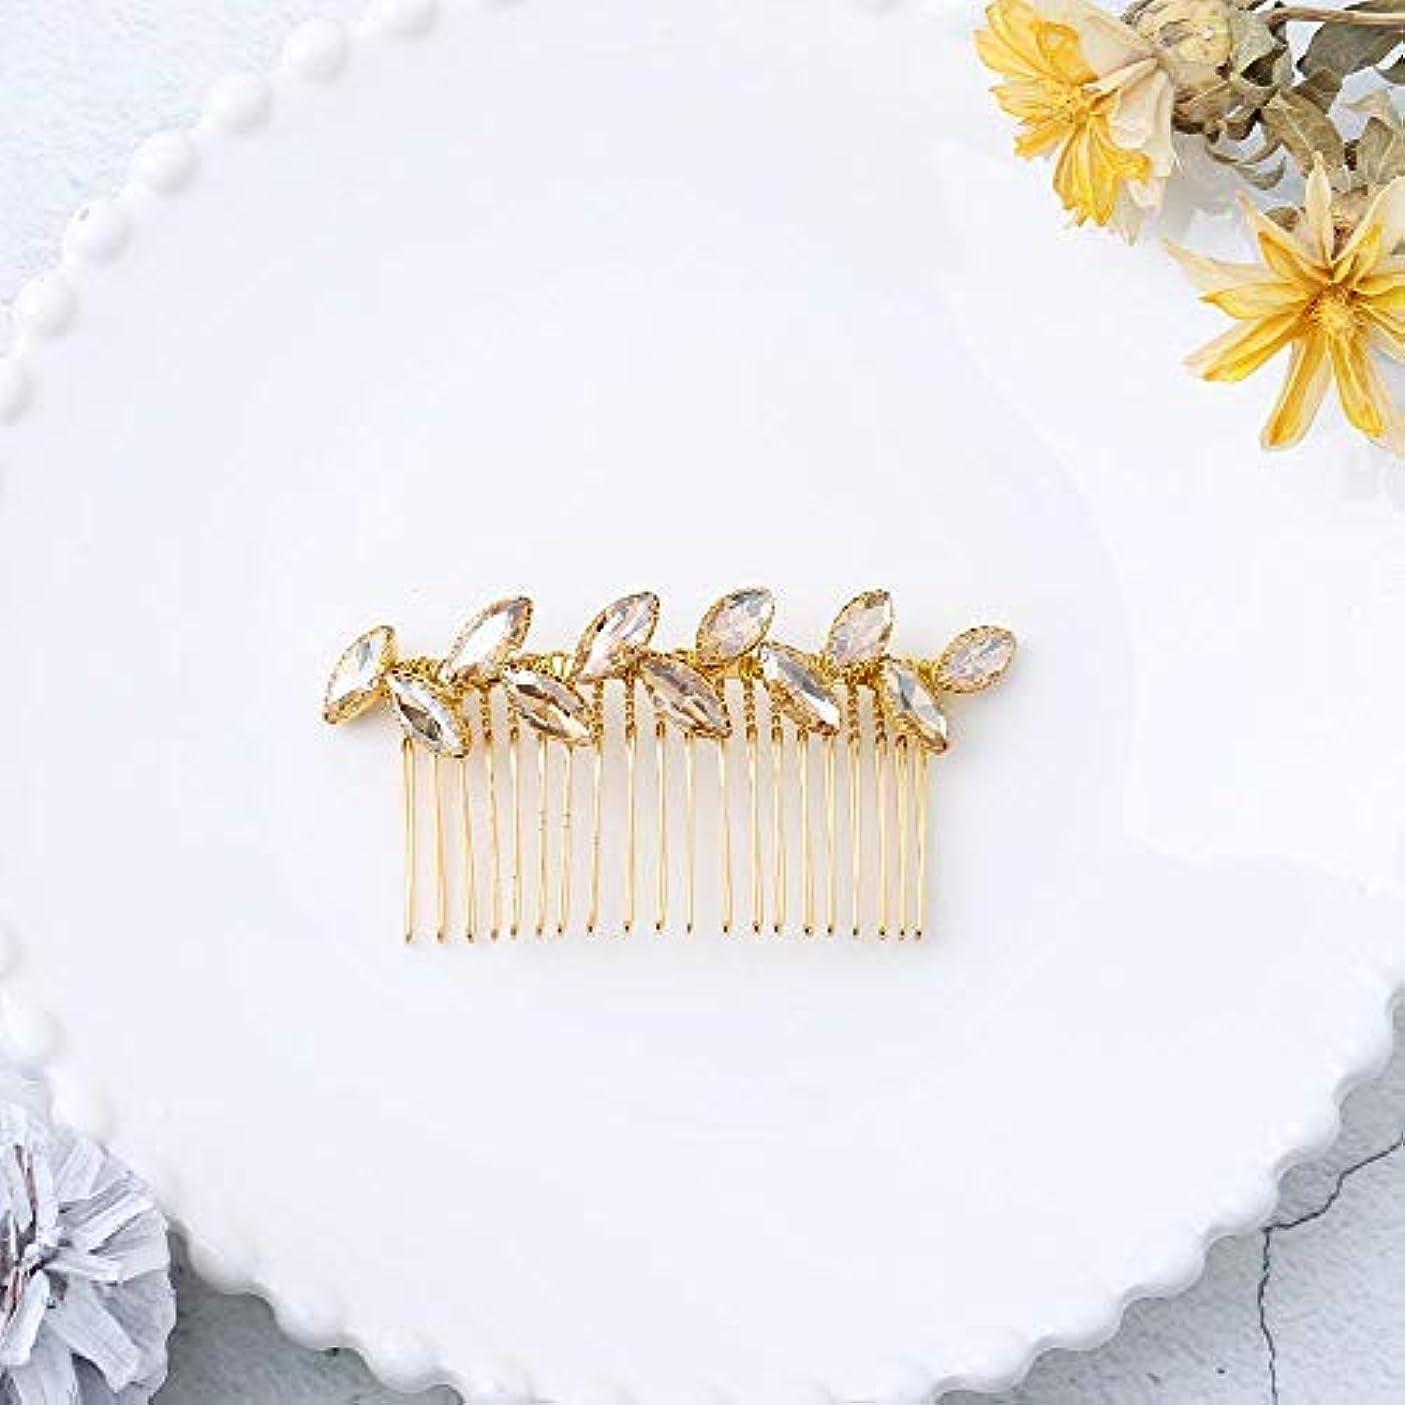 見かけ上台風したがってJovono Bride Wedding Hair Comb Bridal Headpieces with Champagne Rhinestone for Women and Girls (Gold) [並行輸入品]